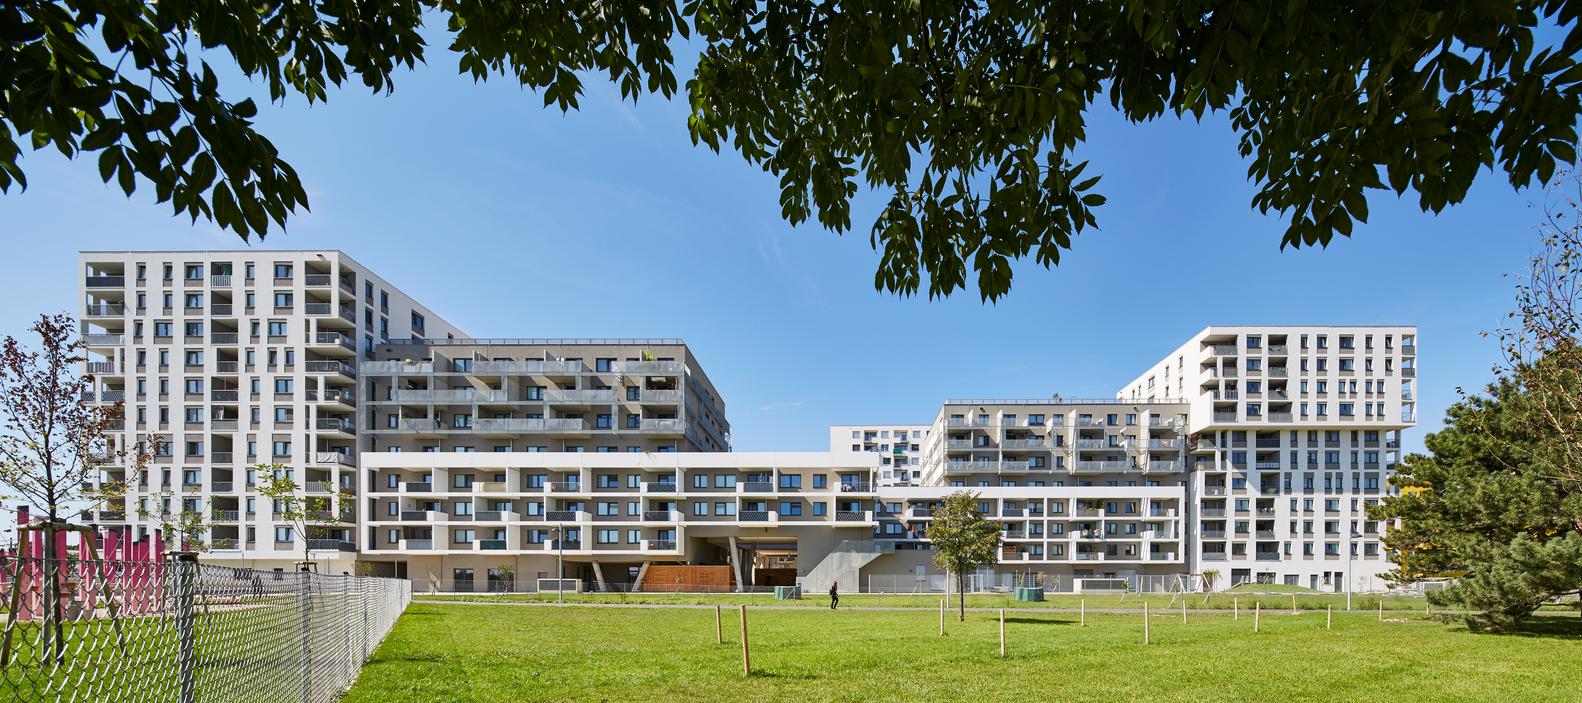 Querbeet Social Housing / Synn Architekten